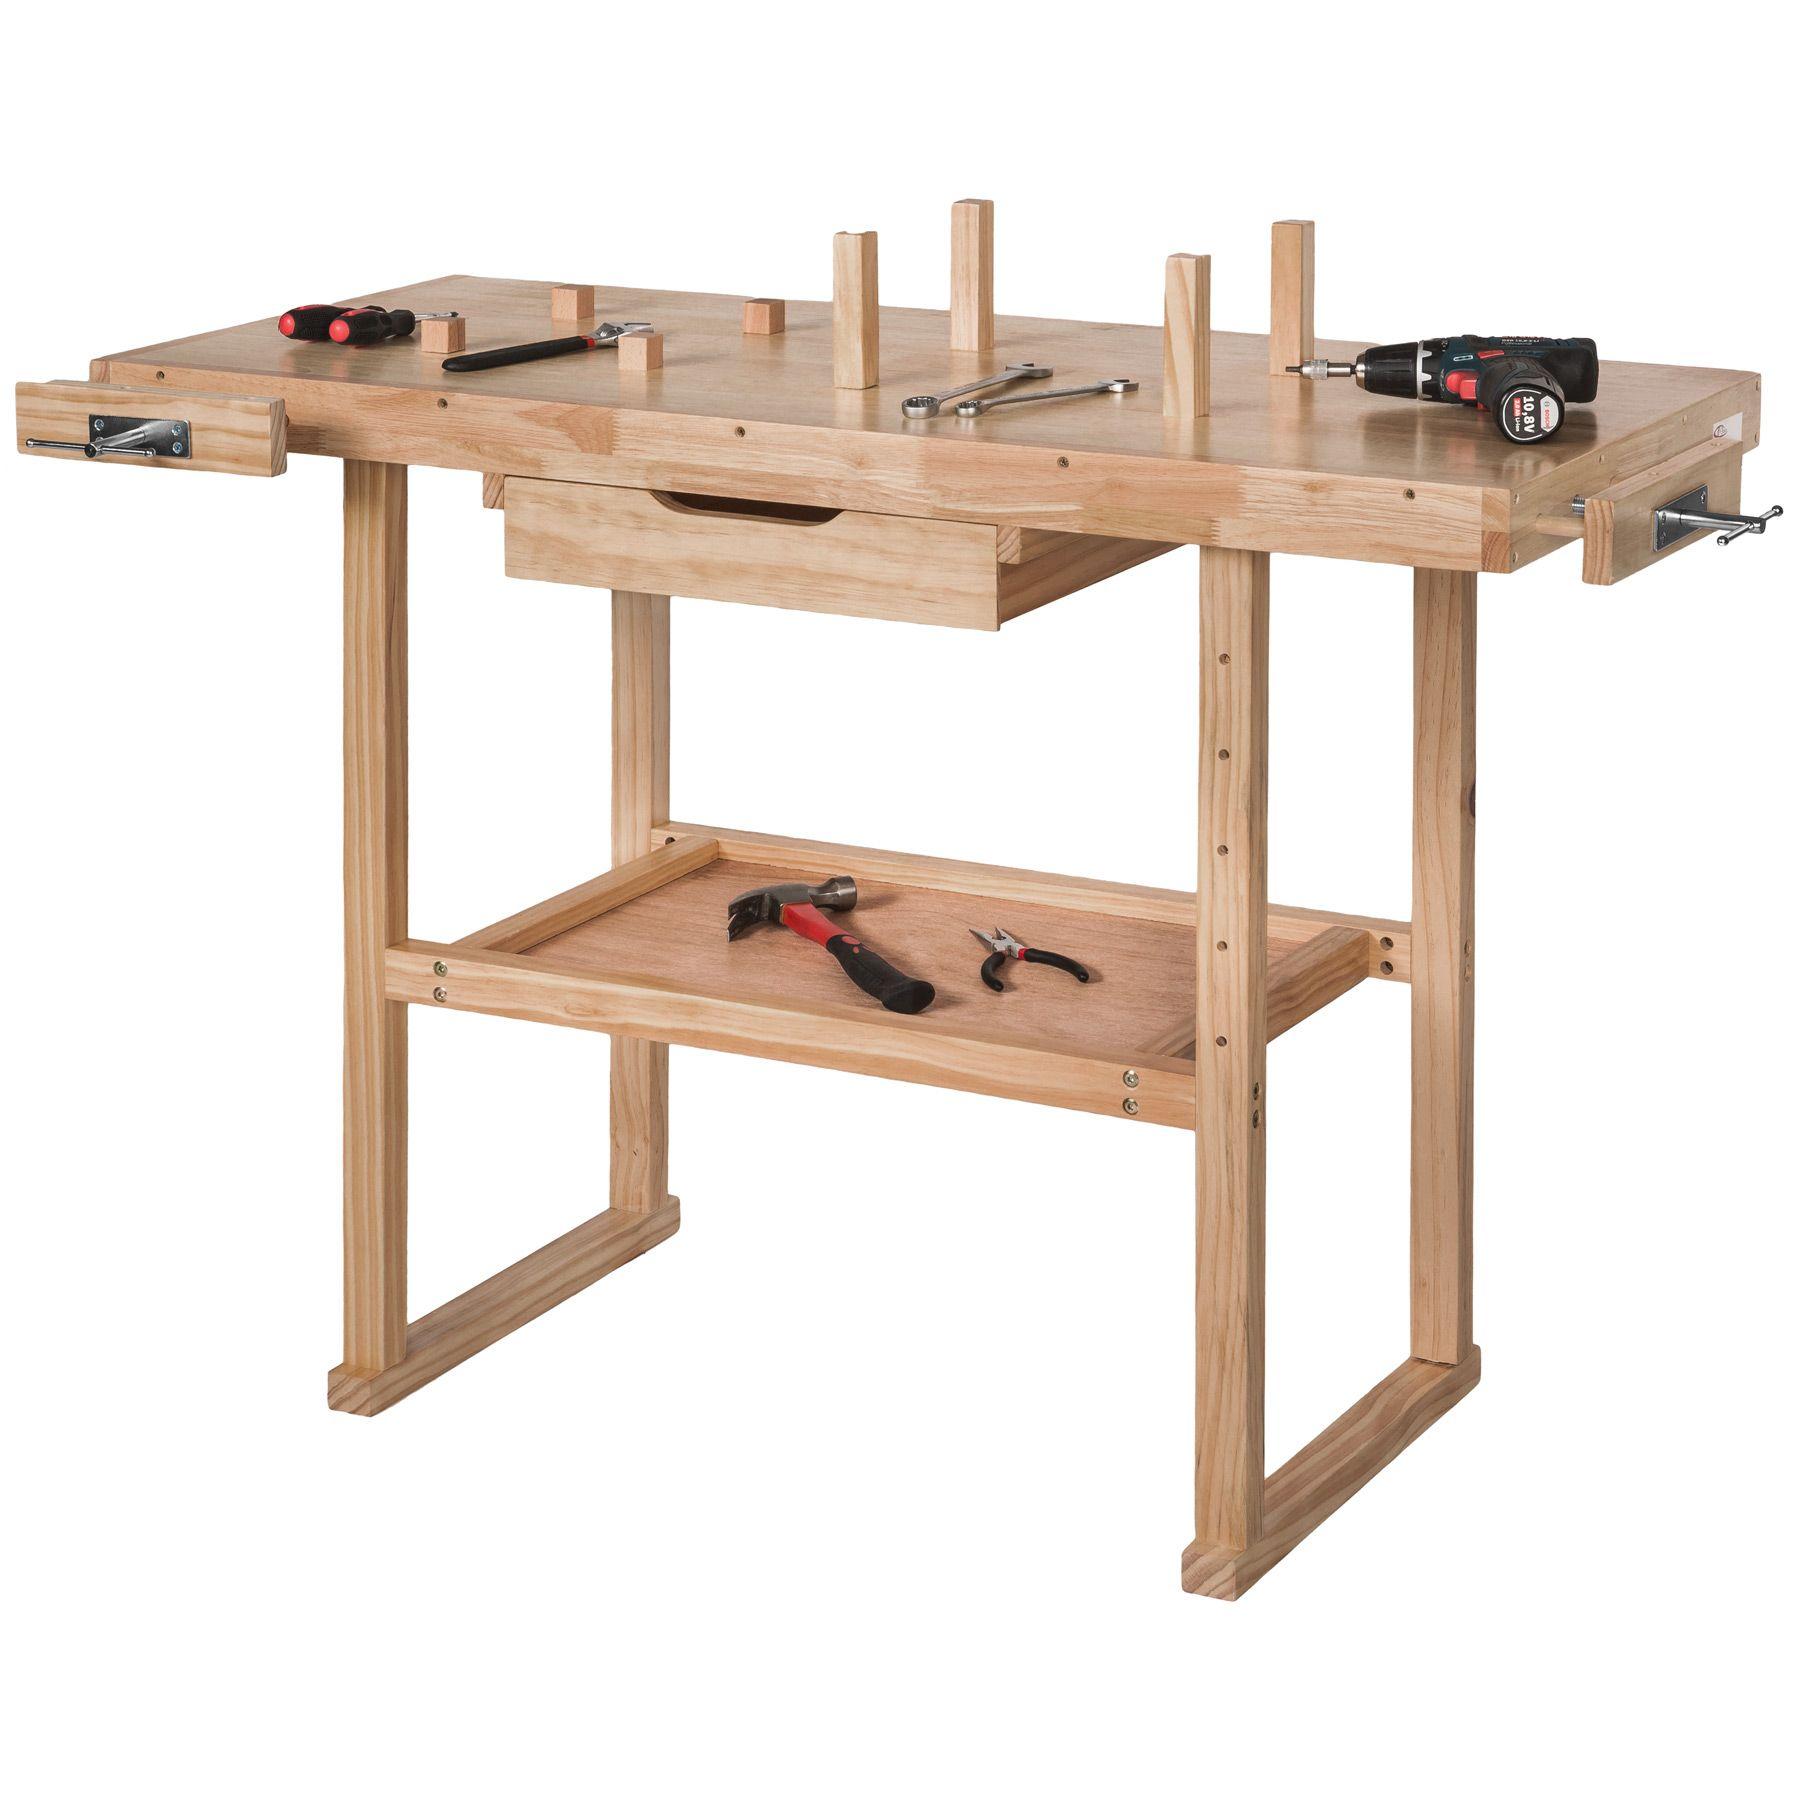 holz werkbank mit schraubstock werktisch arbeitstisch hobelbank handwerkstisch ebay. Black Bedroom Furniture Sets. Home Design Ideas